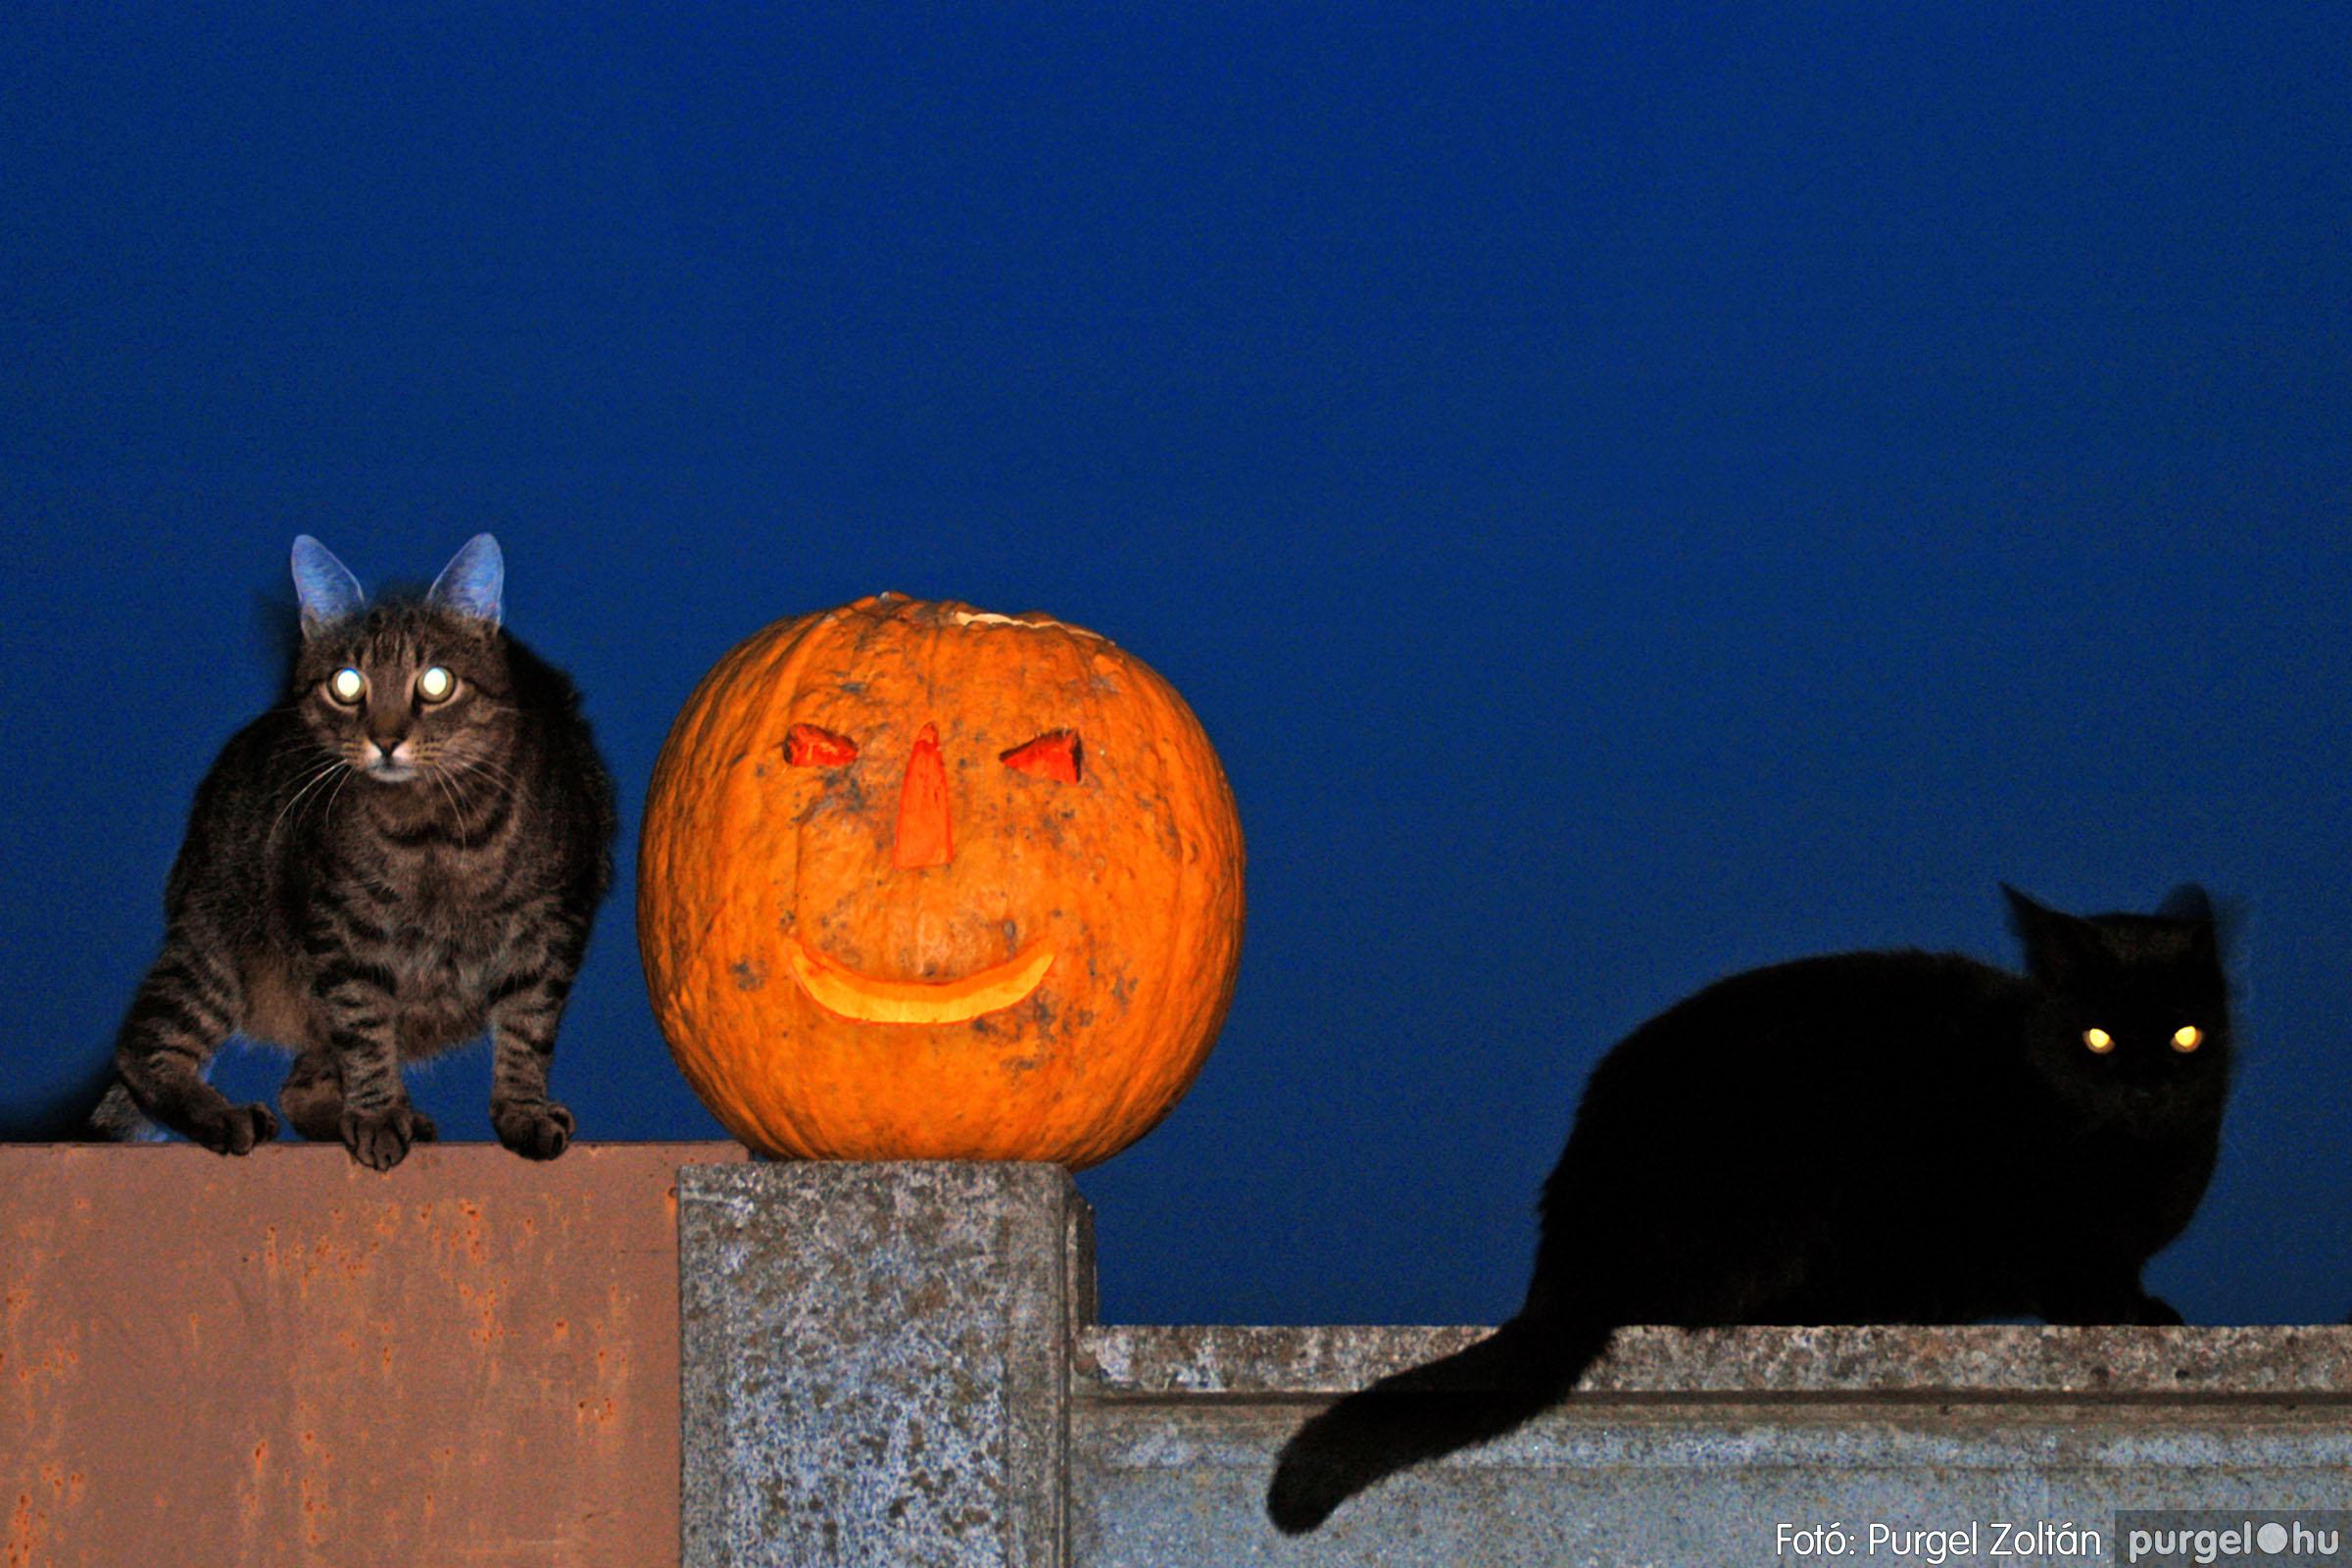 034 Örök pillanatok fotókiállításom képei - Halloween napján.jpg